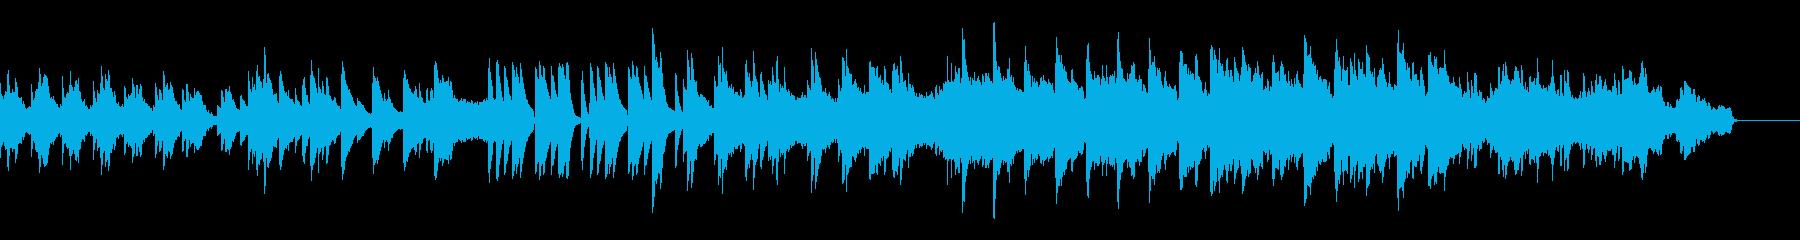 ゆっくり落ち着いたヒーリング系の曲の再生済みの波形